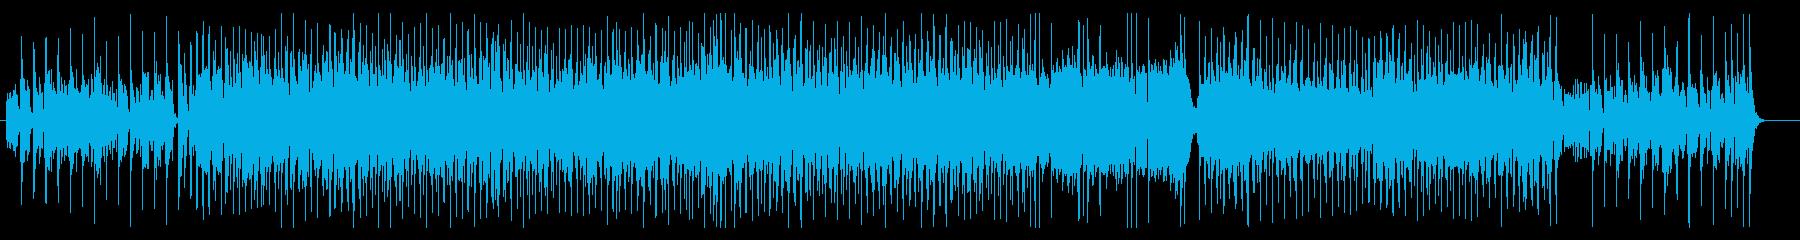 リズミカルな心躍るポップスの再生済みの波形